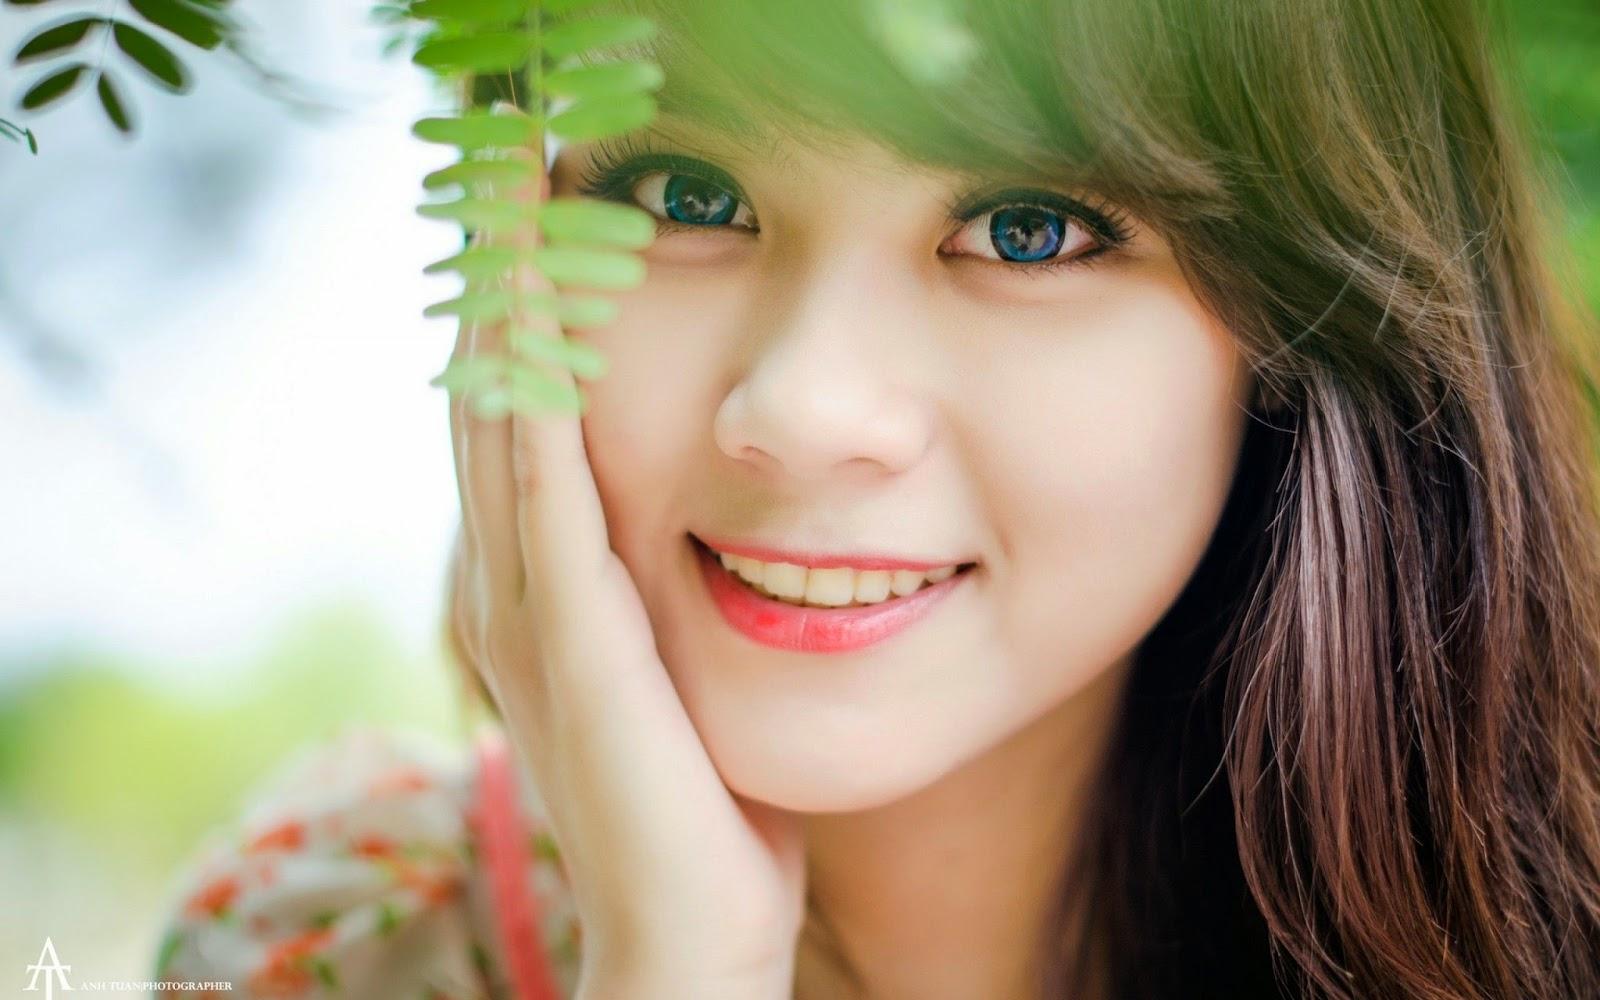 بالصور صور اجمل بنات في العالم , بنات حلوين جدا بالصور 2109 5